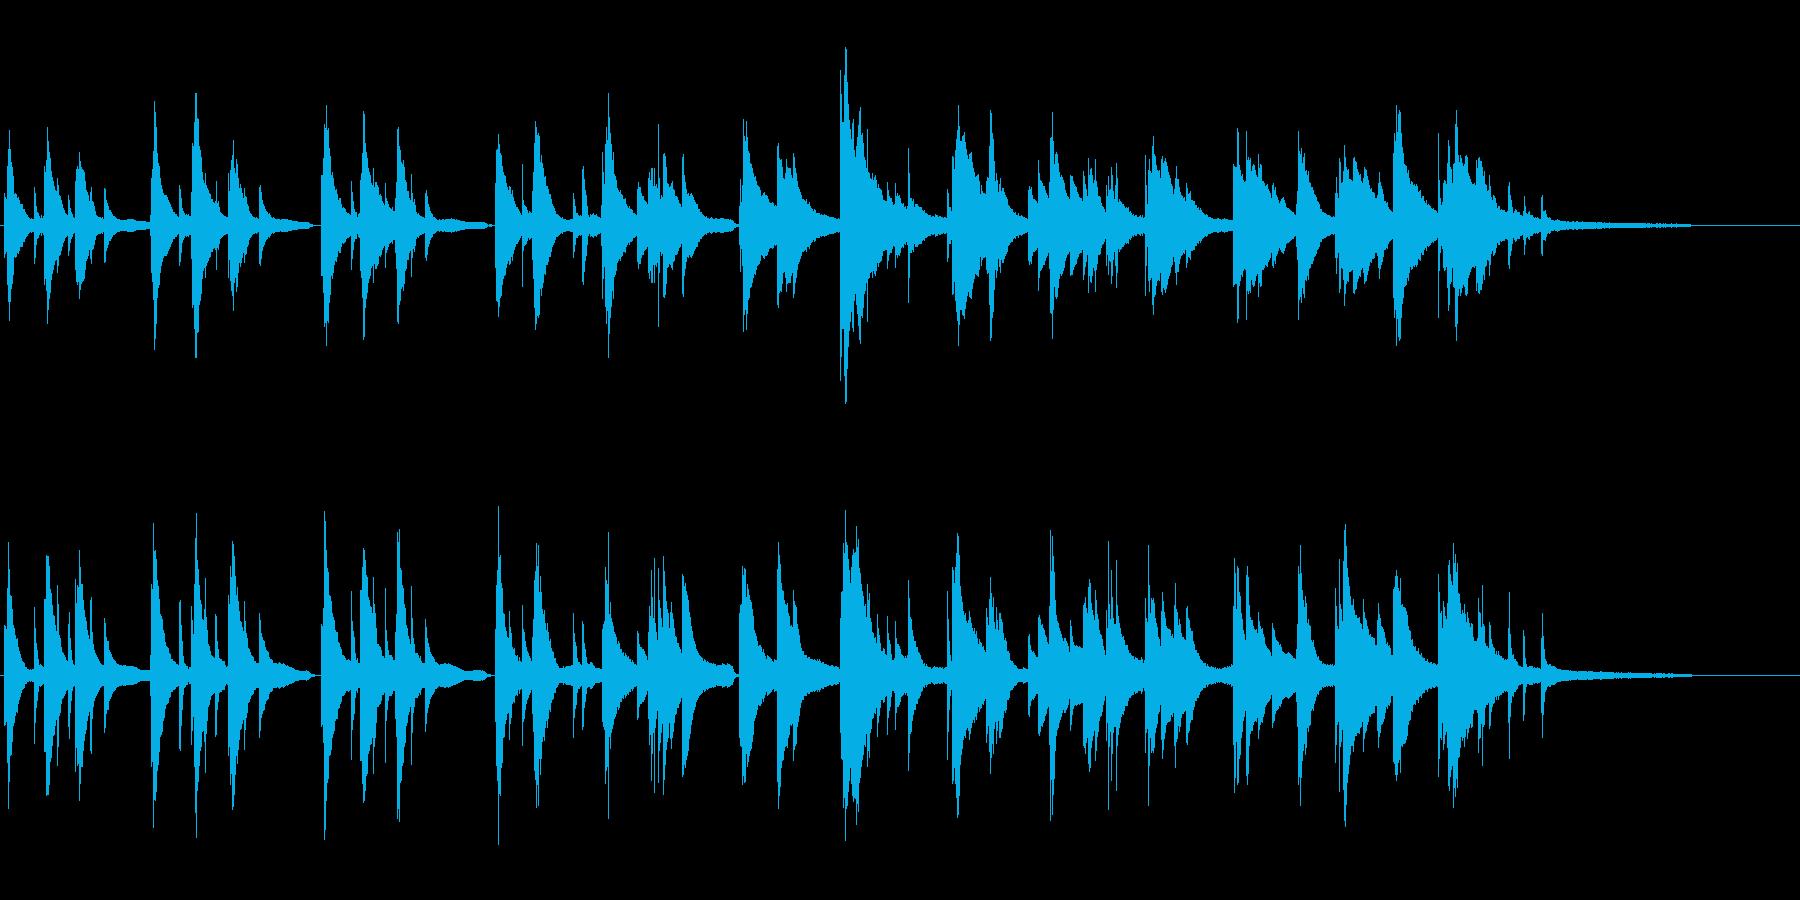 切ない即興ピアノ曲。映画のワンシーン等にの再生済みの波形